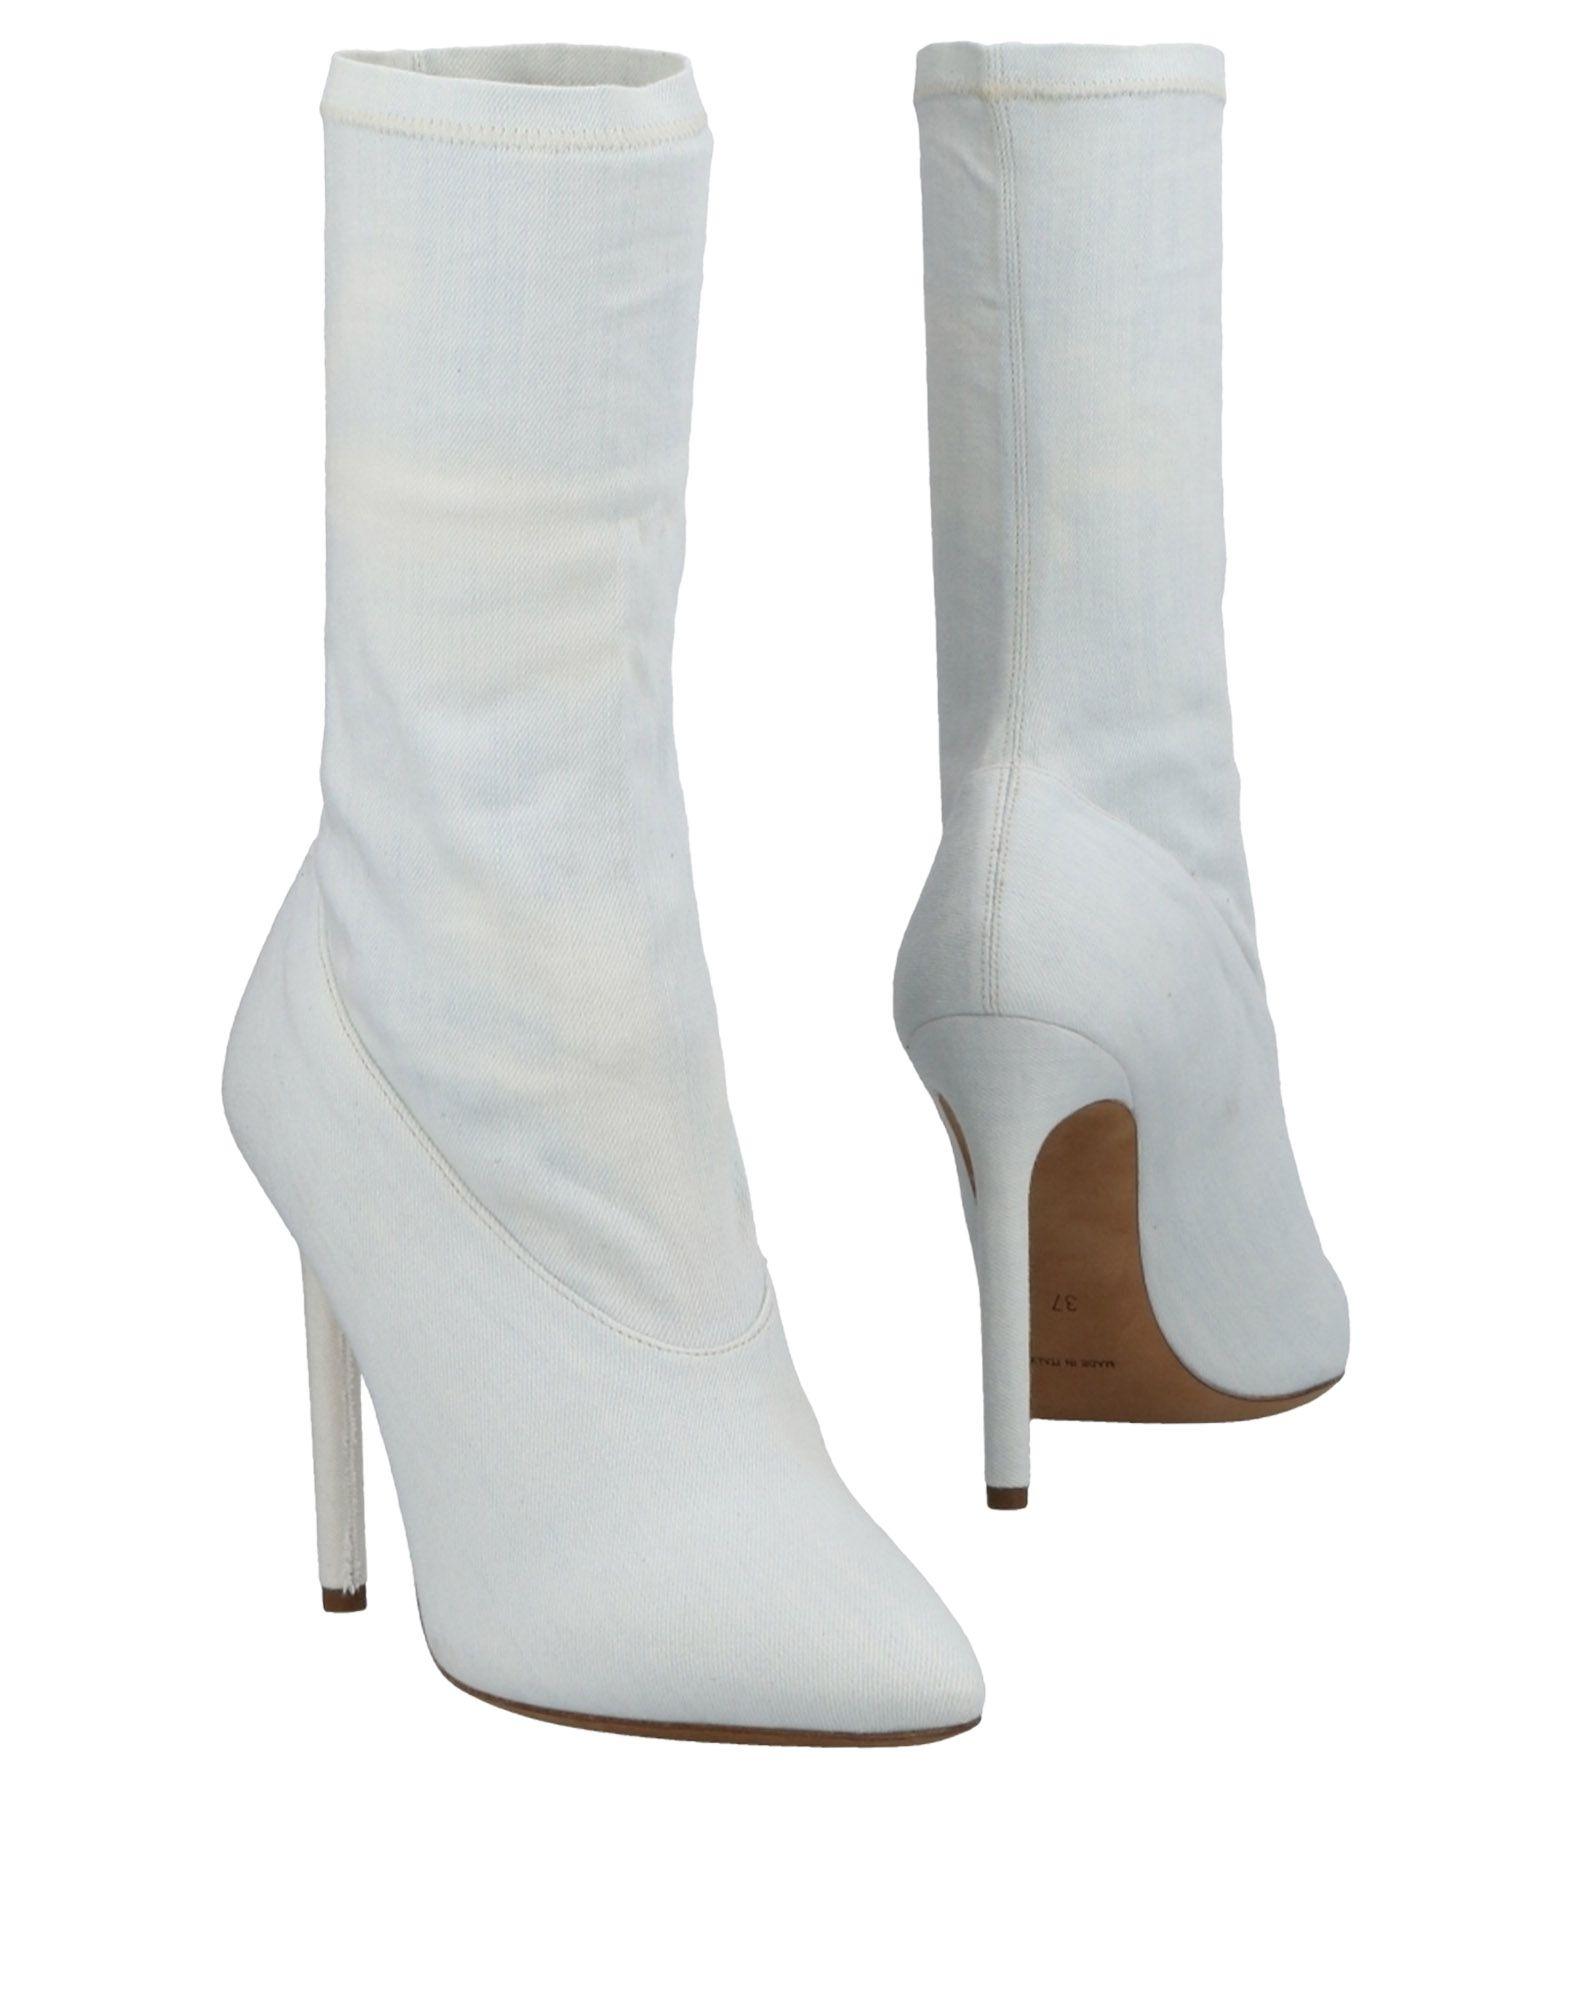 Bottine Yeezy Femme - Bottines Yeezy Bleu ciel Confortable et belle